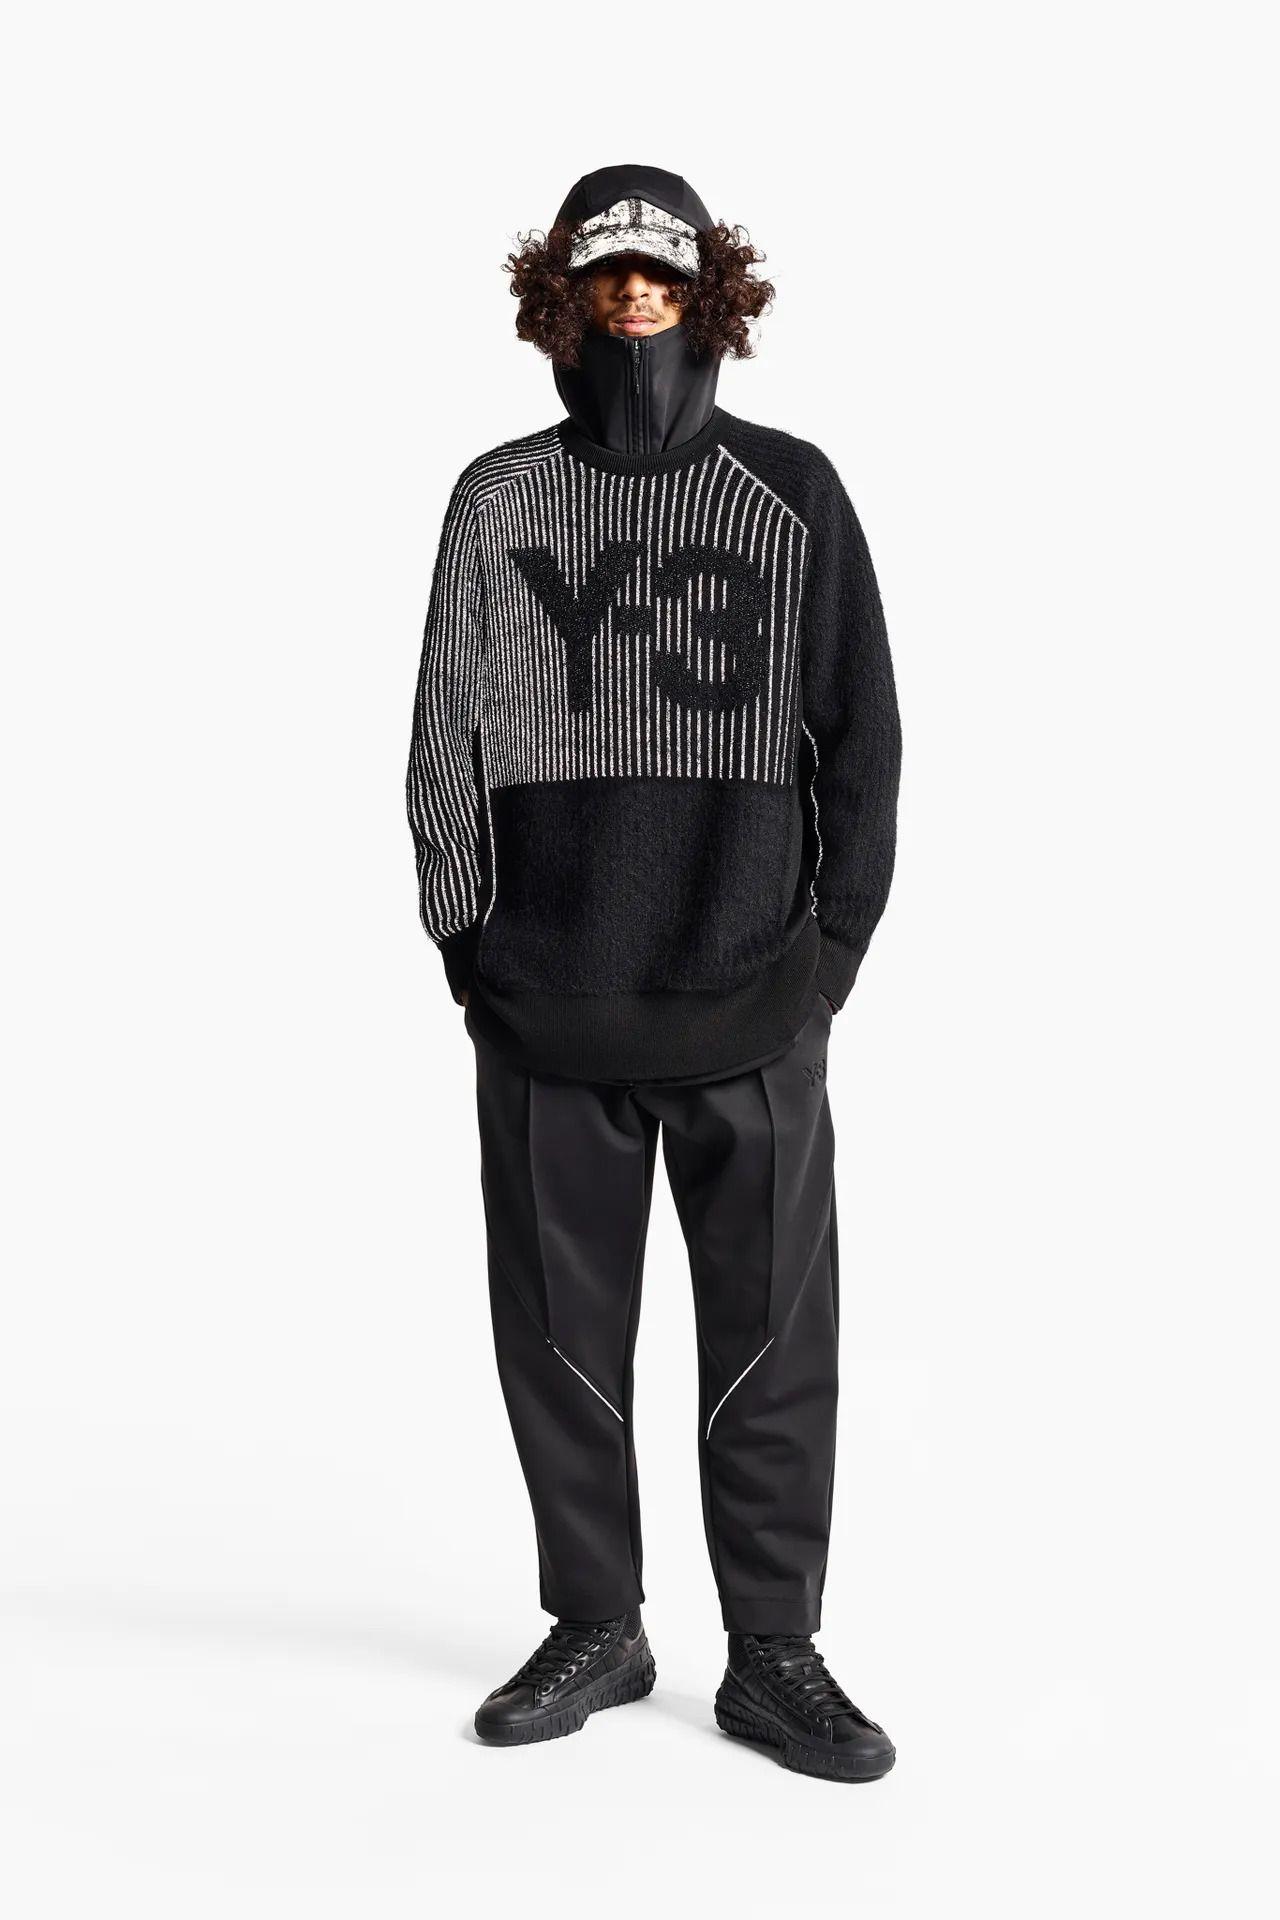 Techwear v roku 2021 vyzerá lepšie, ako kedykoľvek predtým